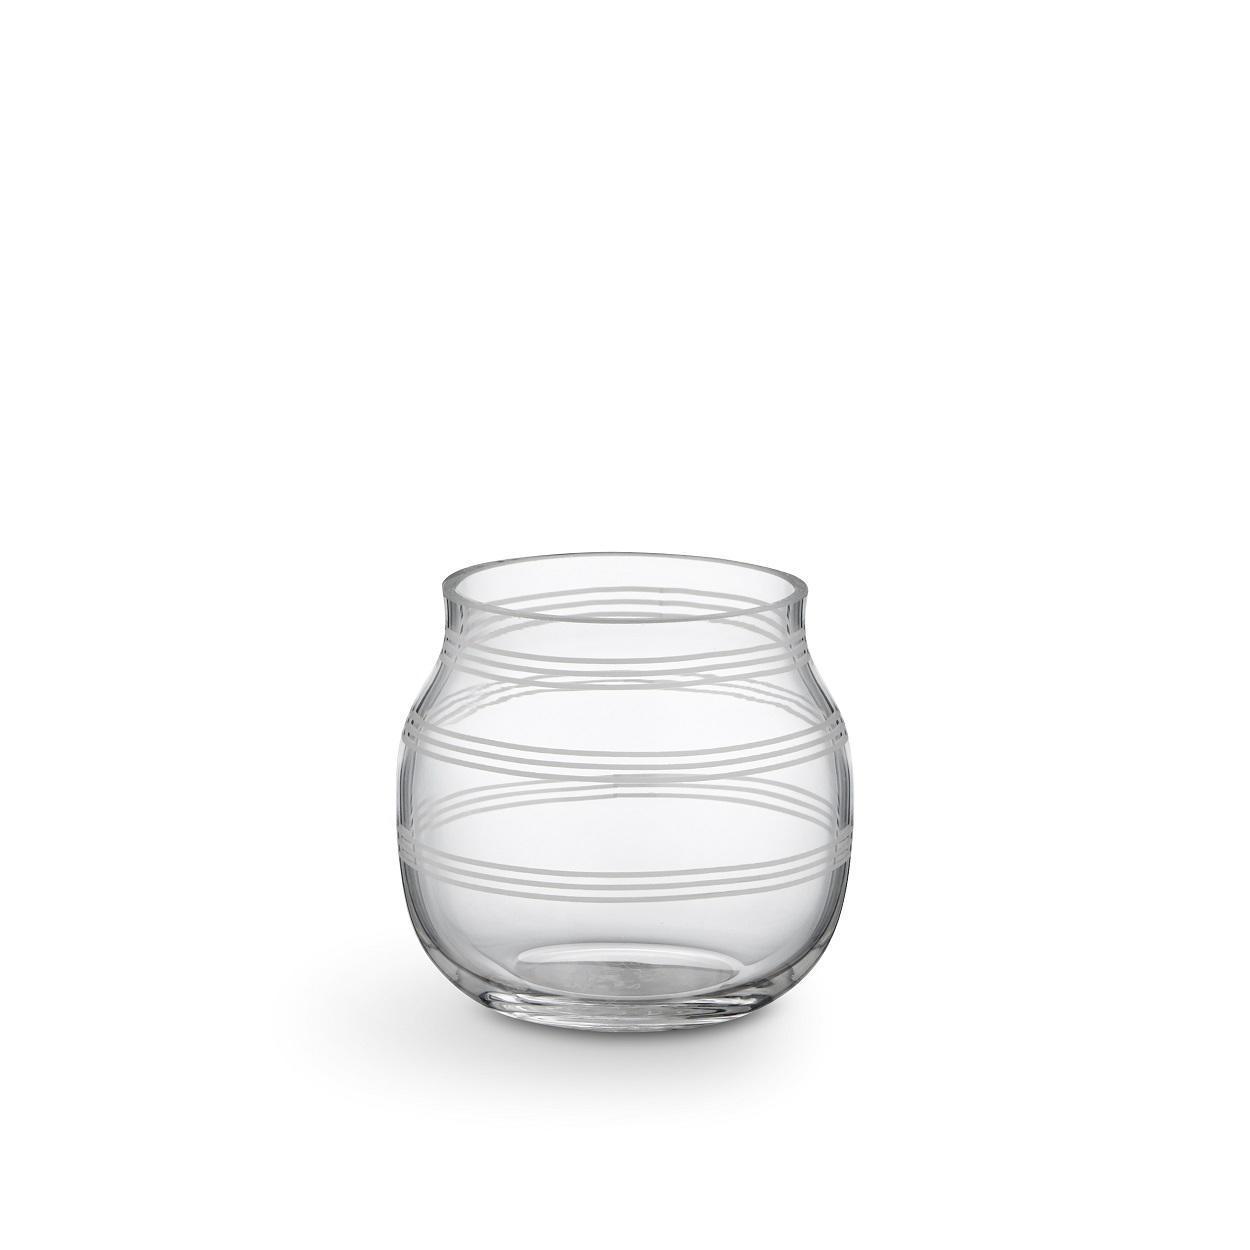 KÄHLER Skleněný svícen / váza Omaggio Transparent 7,5 cm, čirá barva, sklo